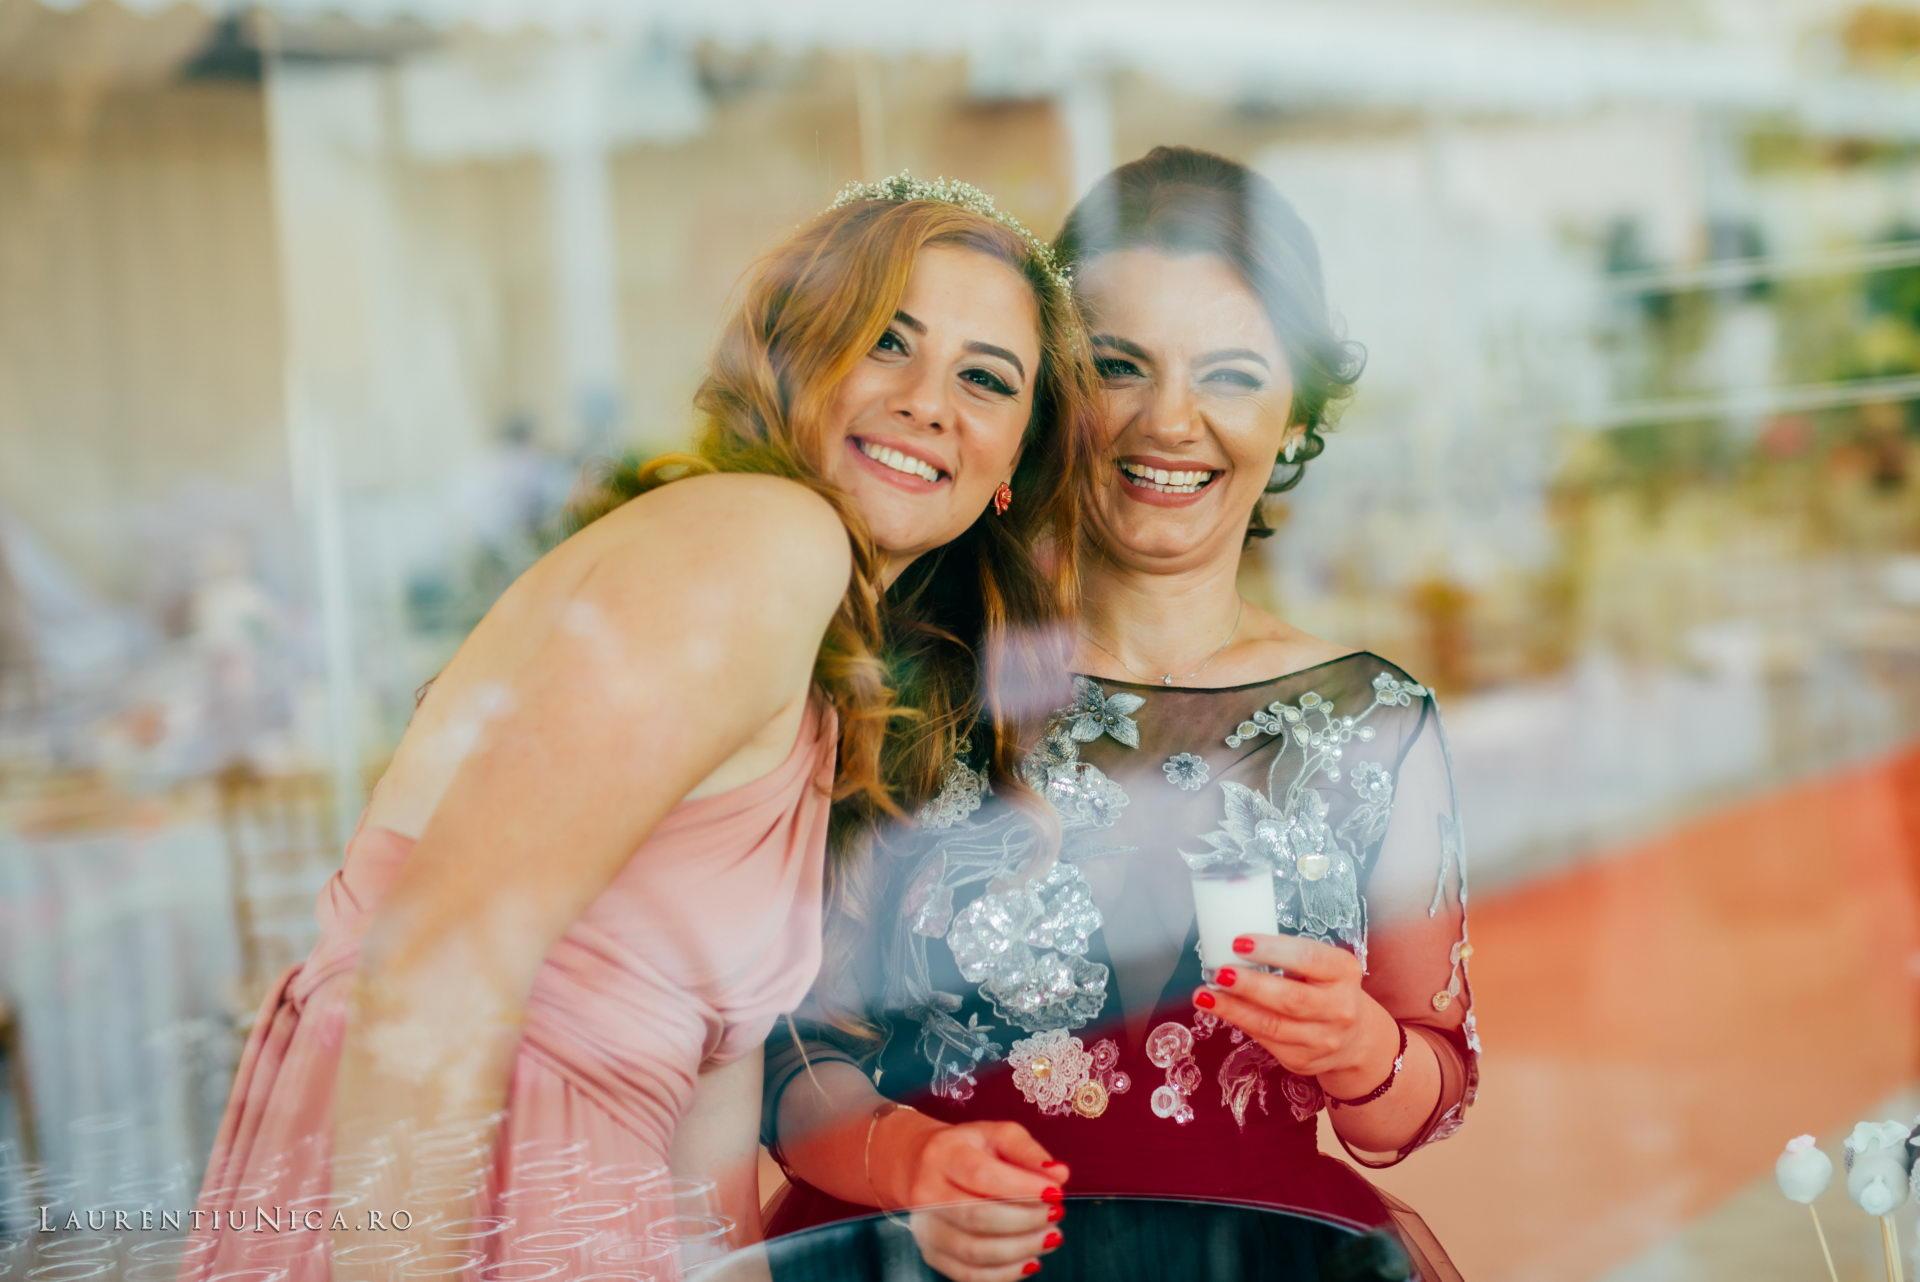 Cristina si Ovidiu nunta Craiova fotograf laurentiu nica 117 - Cristina & Ovidiu | Fotografii nunta | Craiova